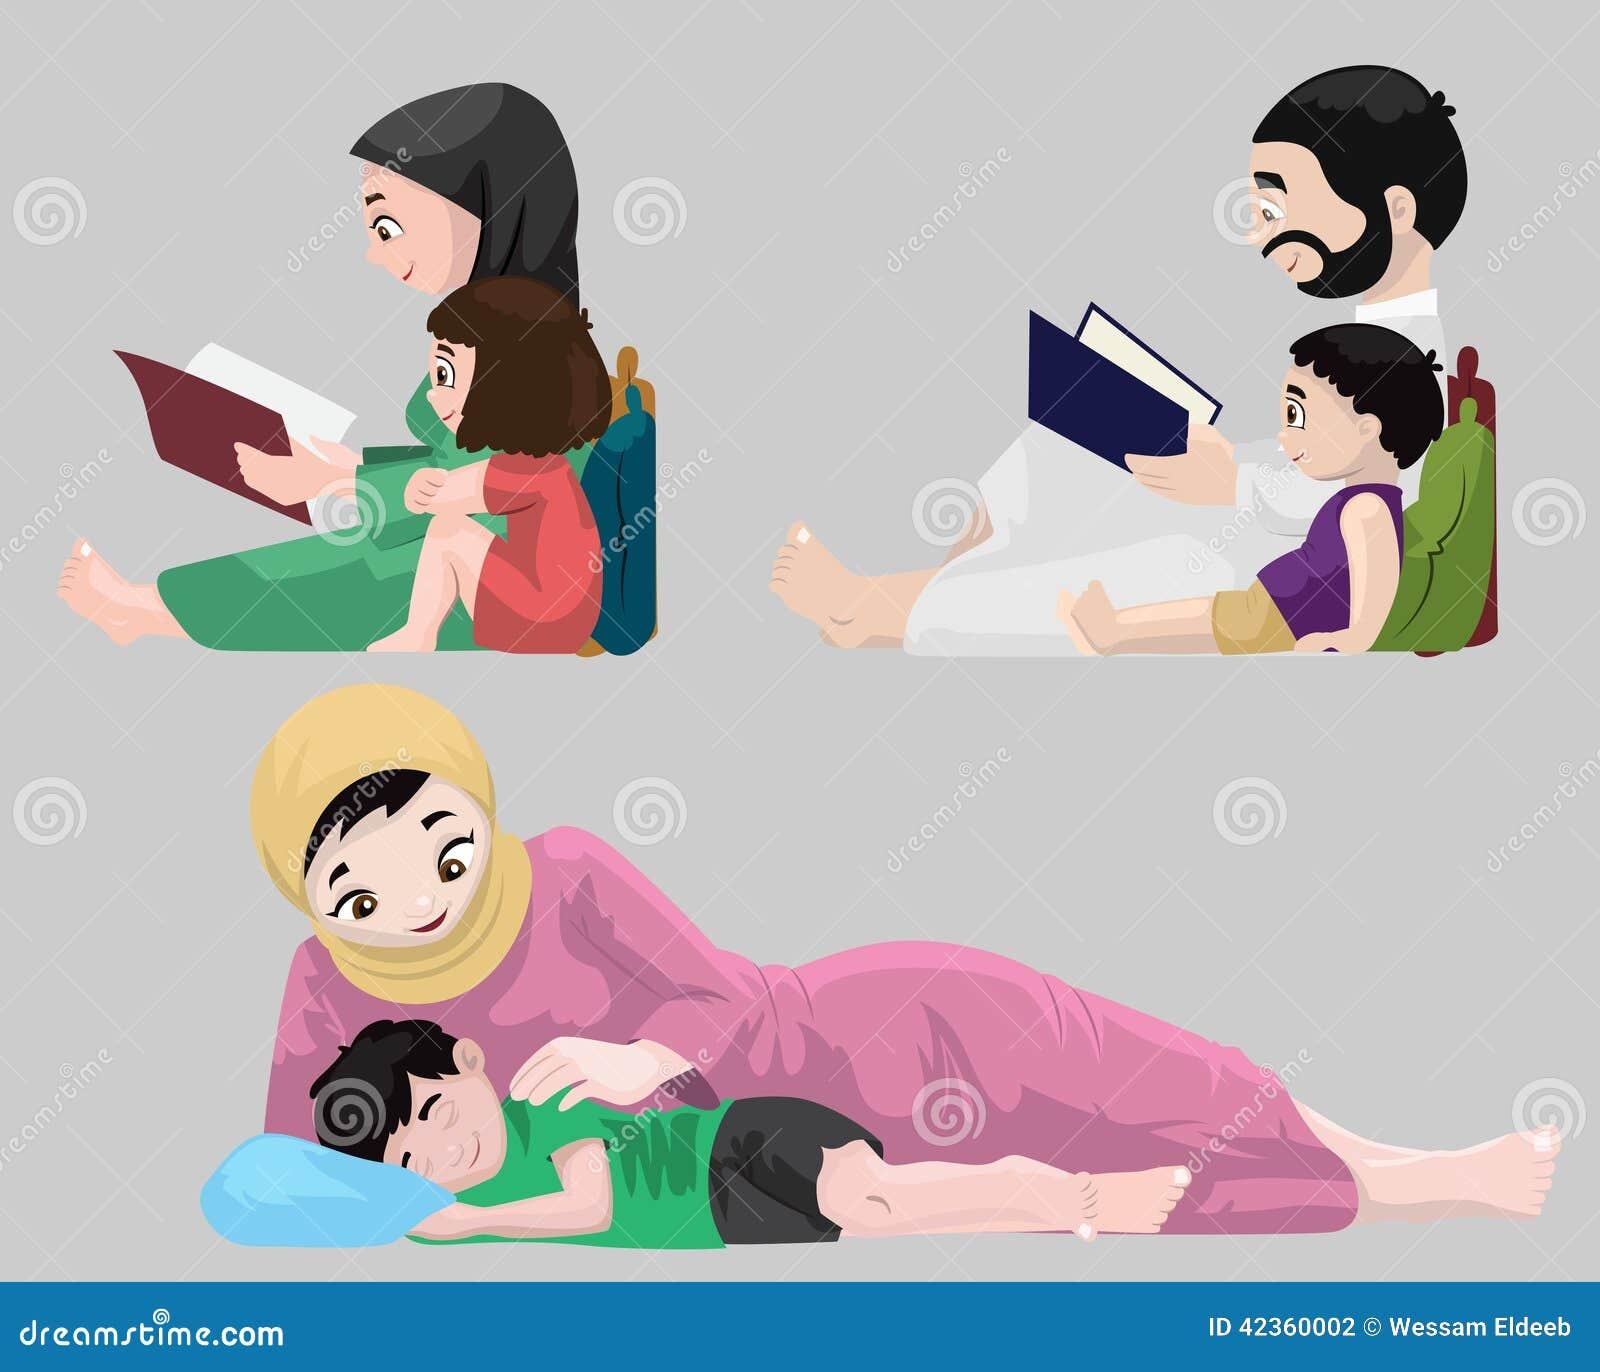 Storie di ora di andare a letto degli arabi illustrazione - Storie di letto ...